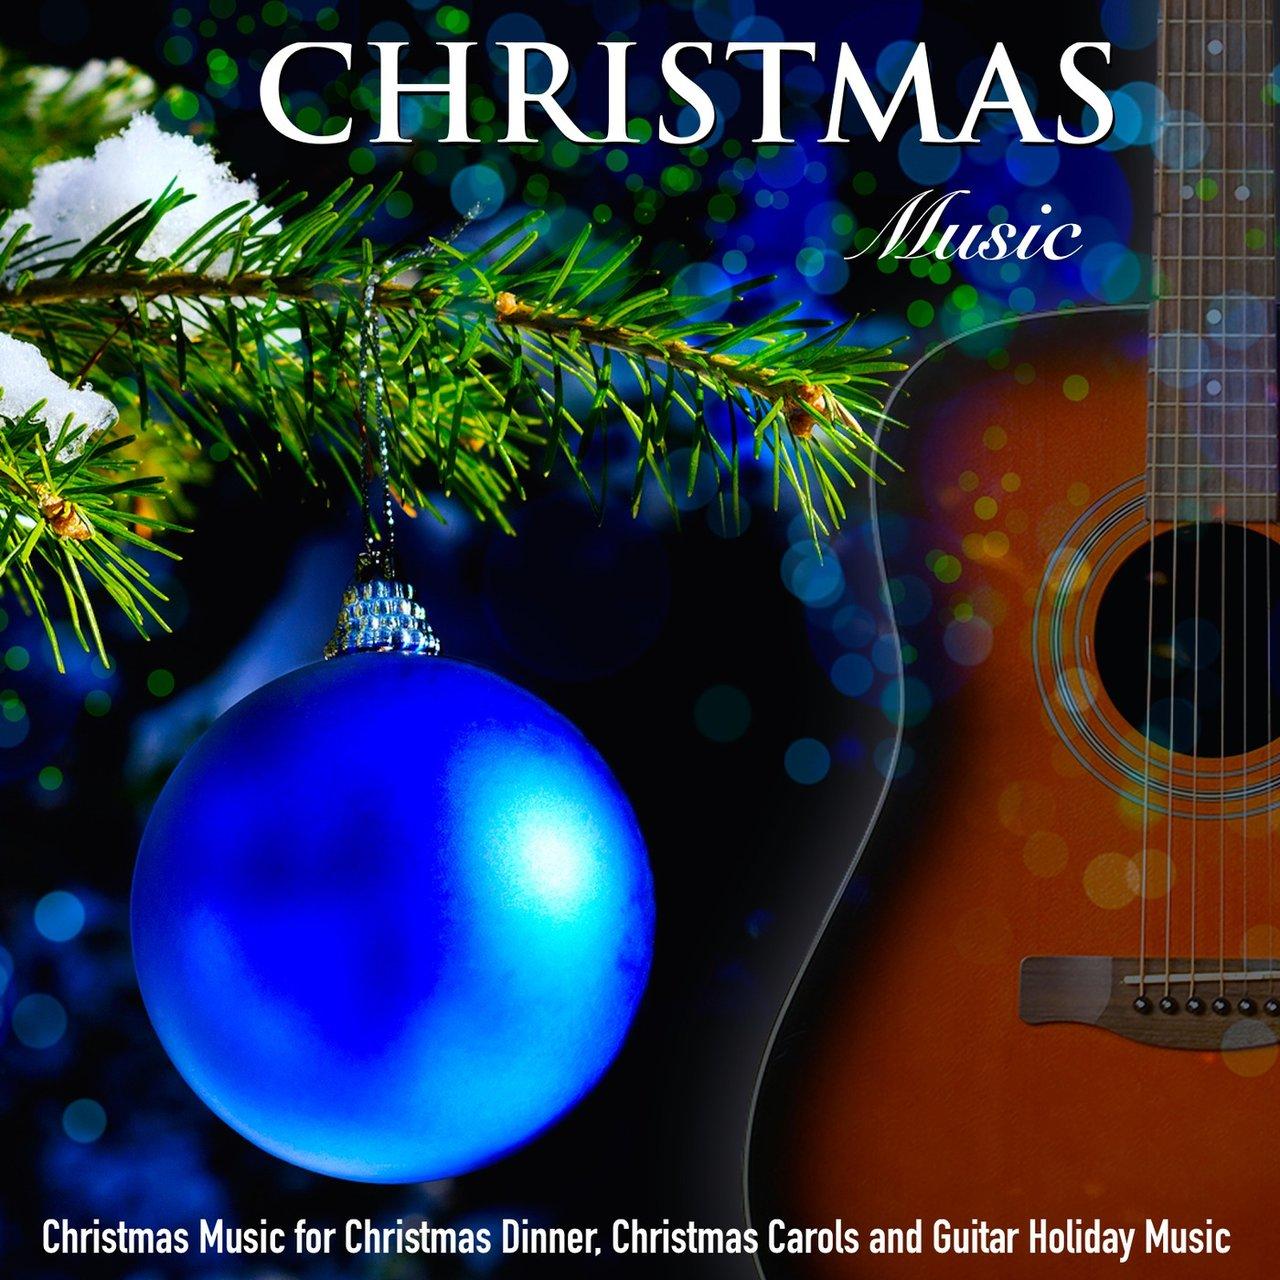 TIDAL: Listen To Christmas Music On TIDAL